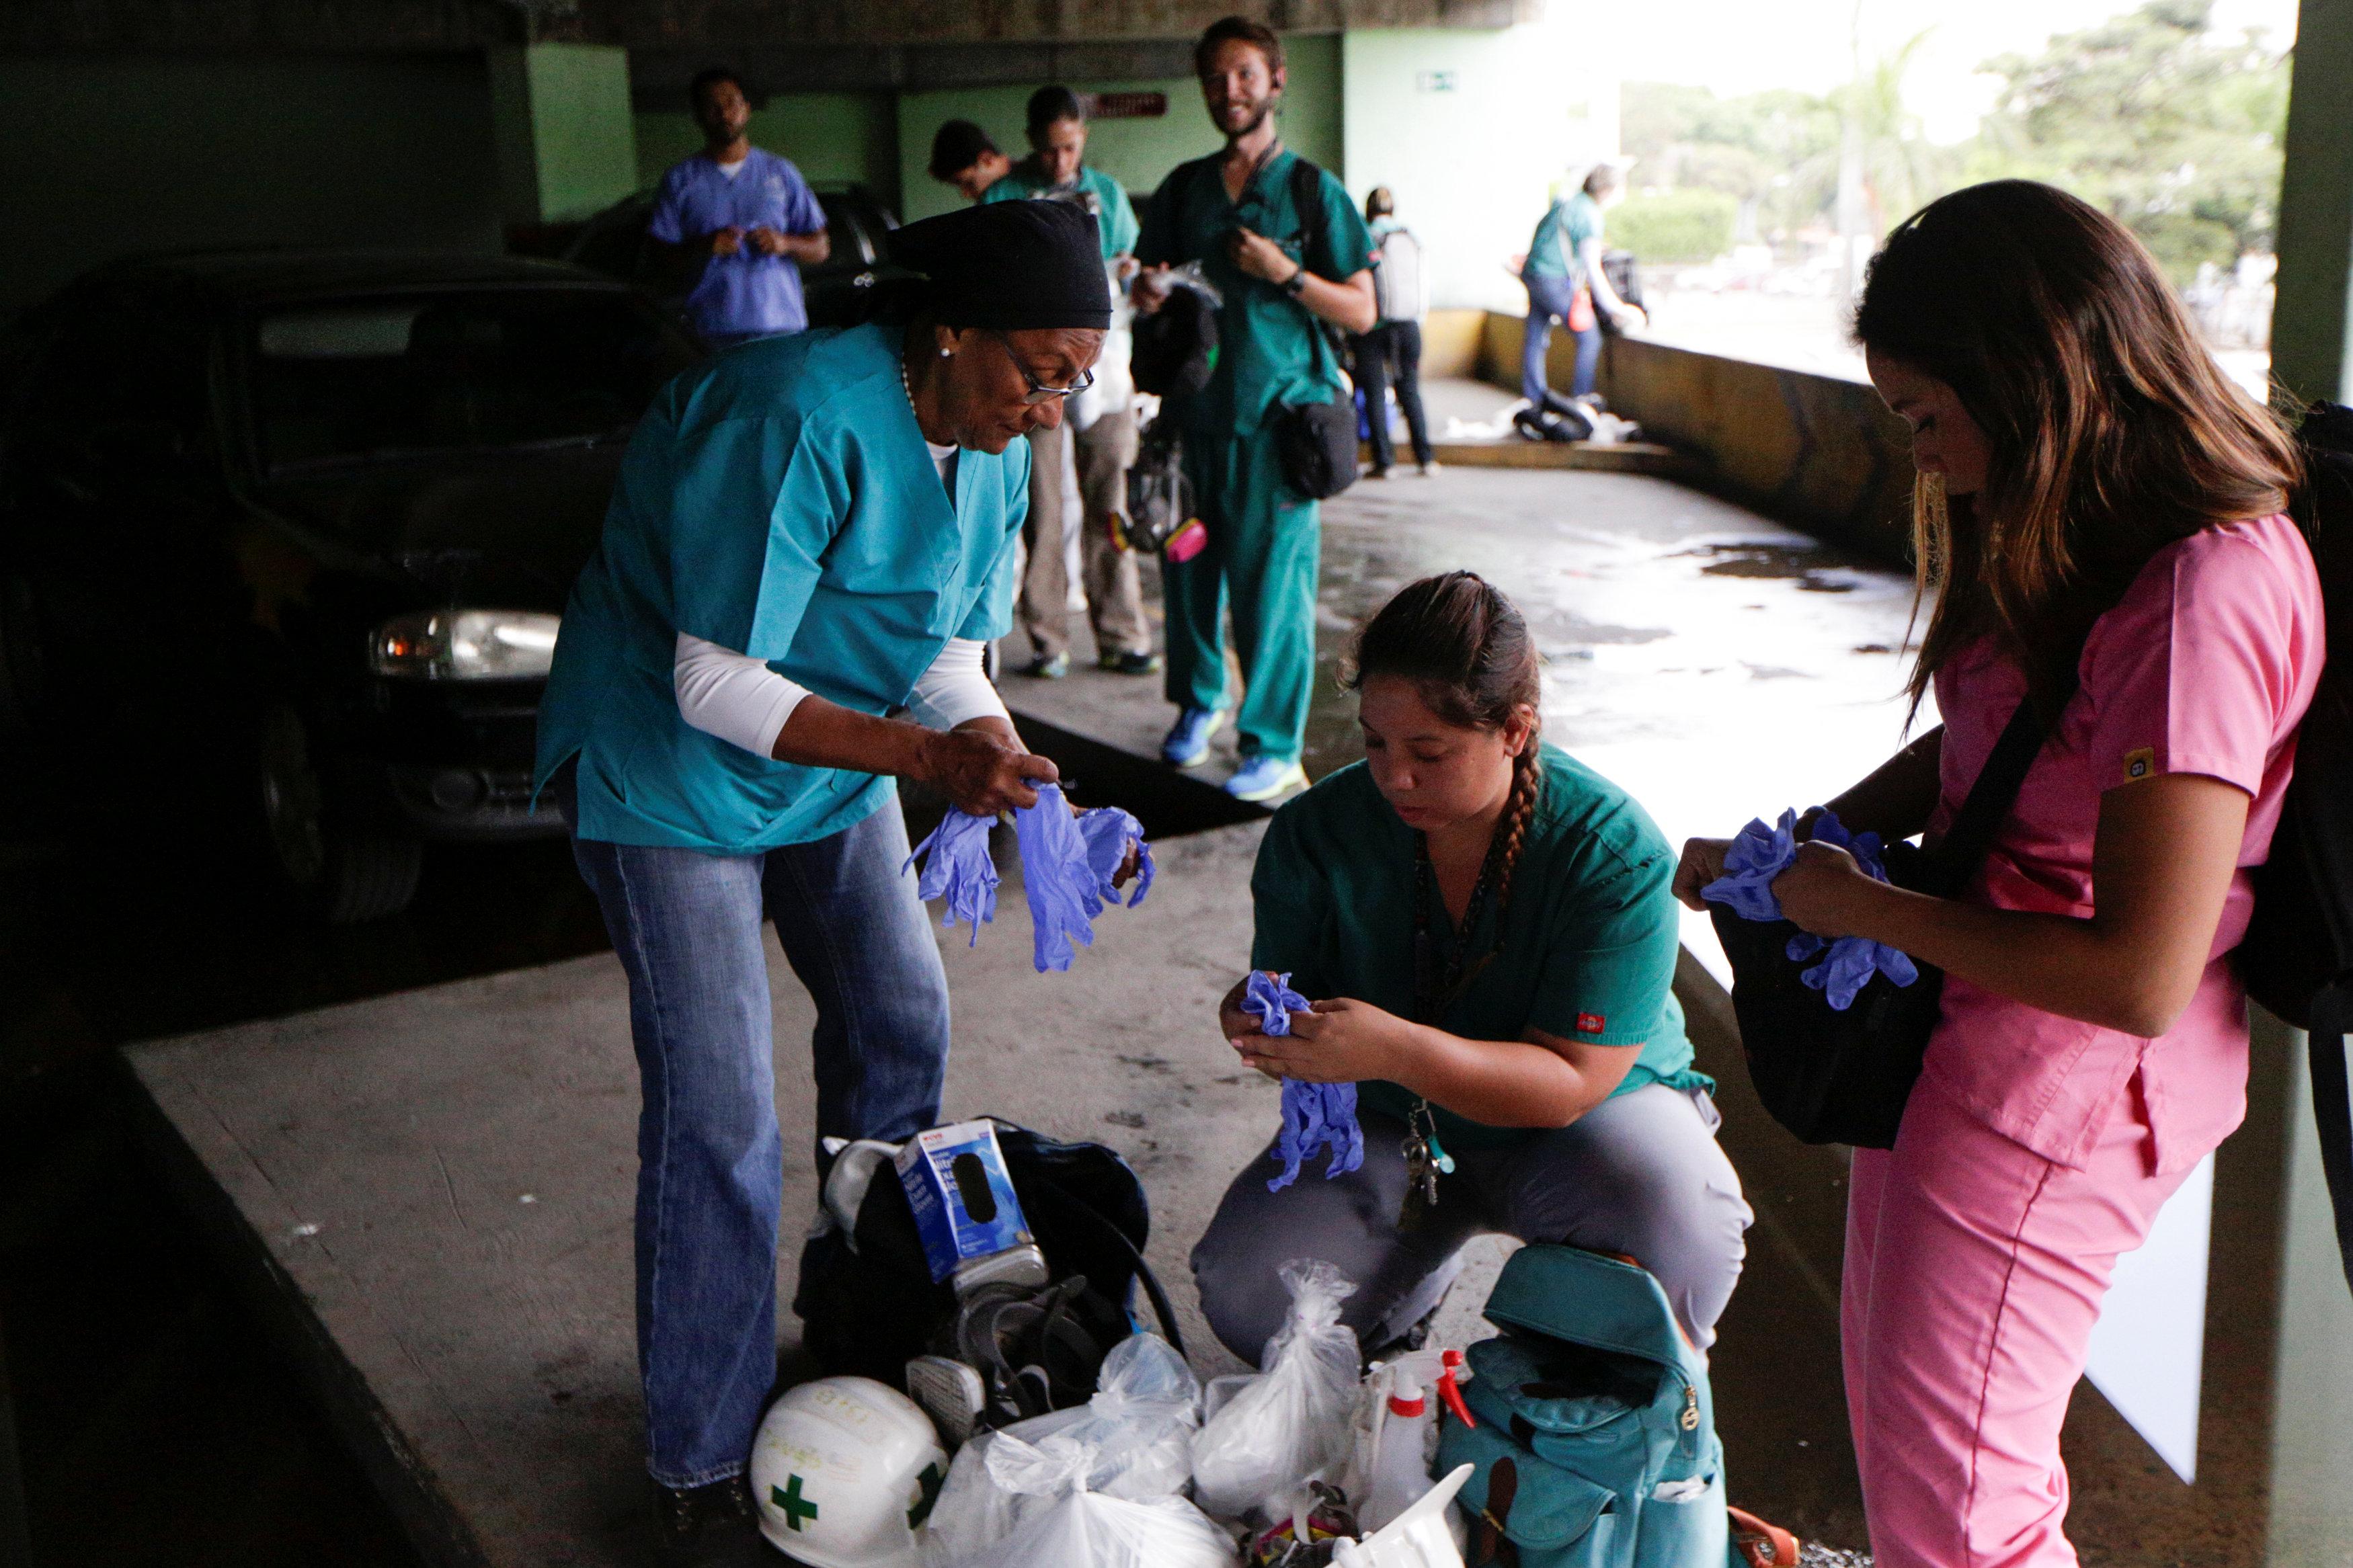 Volunteers get ready for help injured demonstrators in Caracas, Venezuela April 22, 2017. REUTERS/Marco Bello